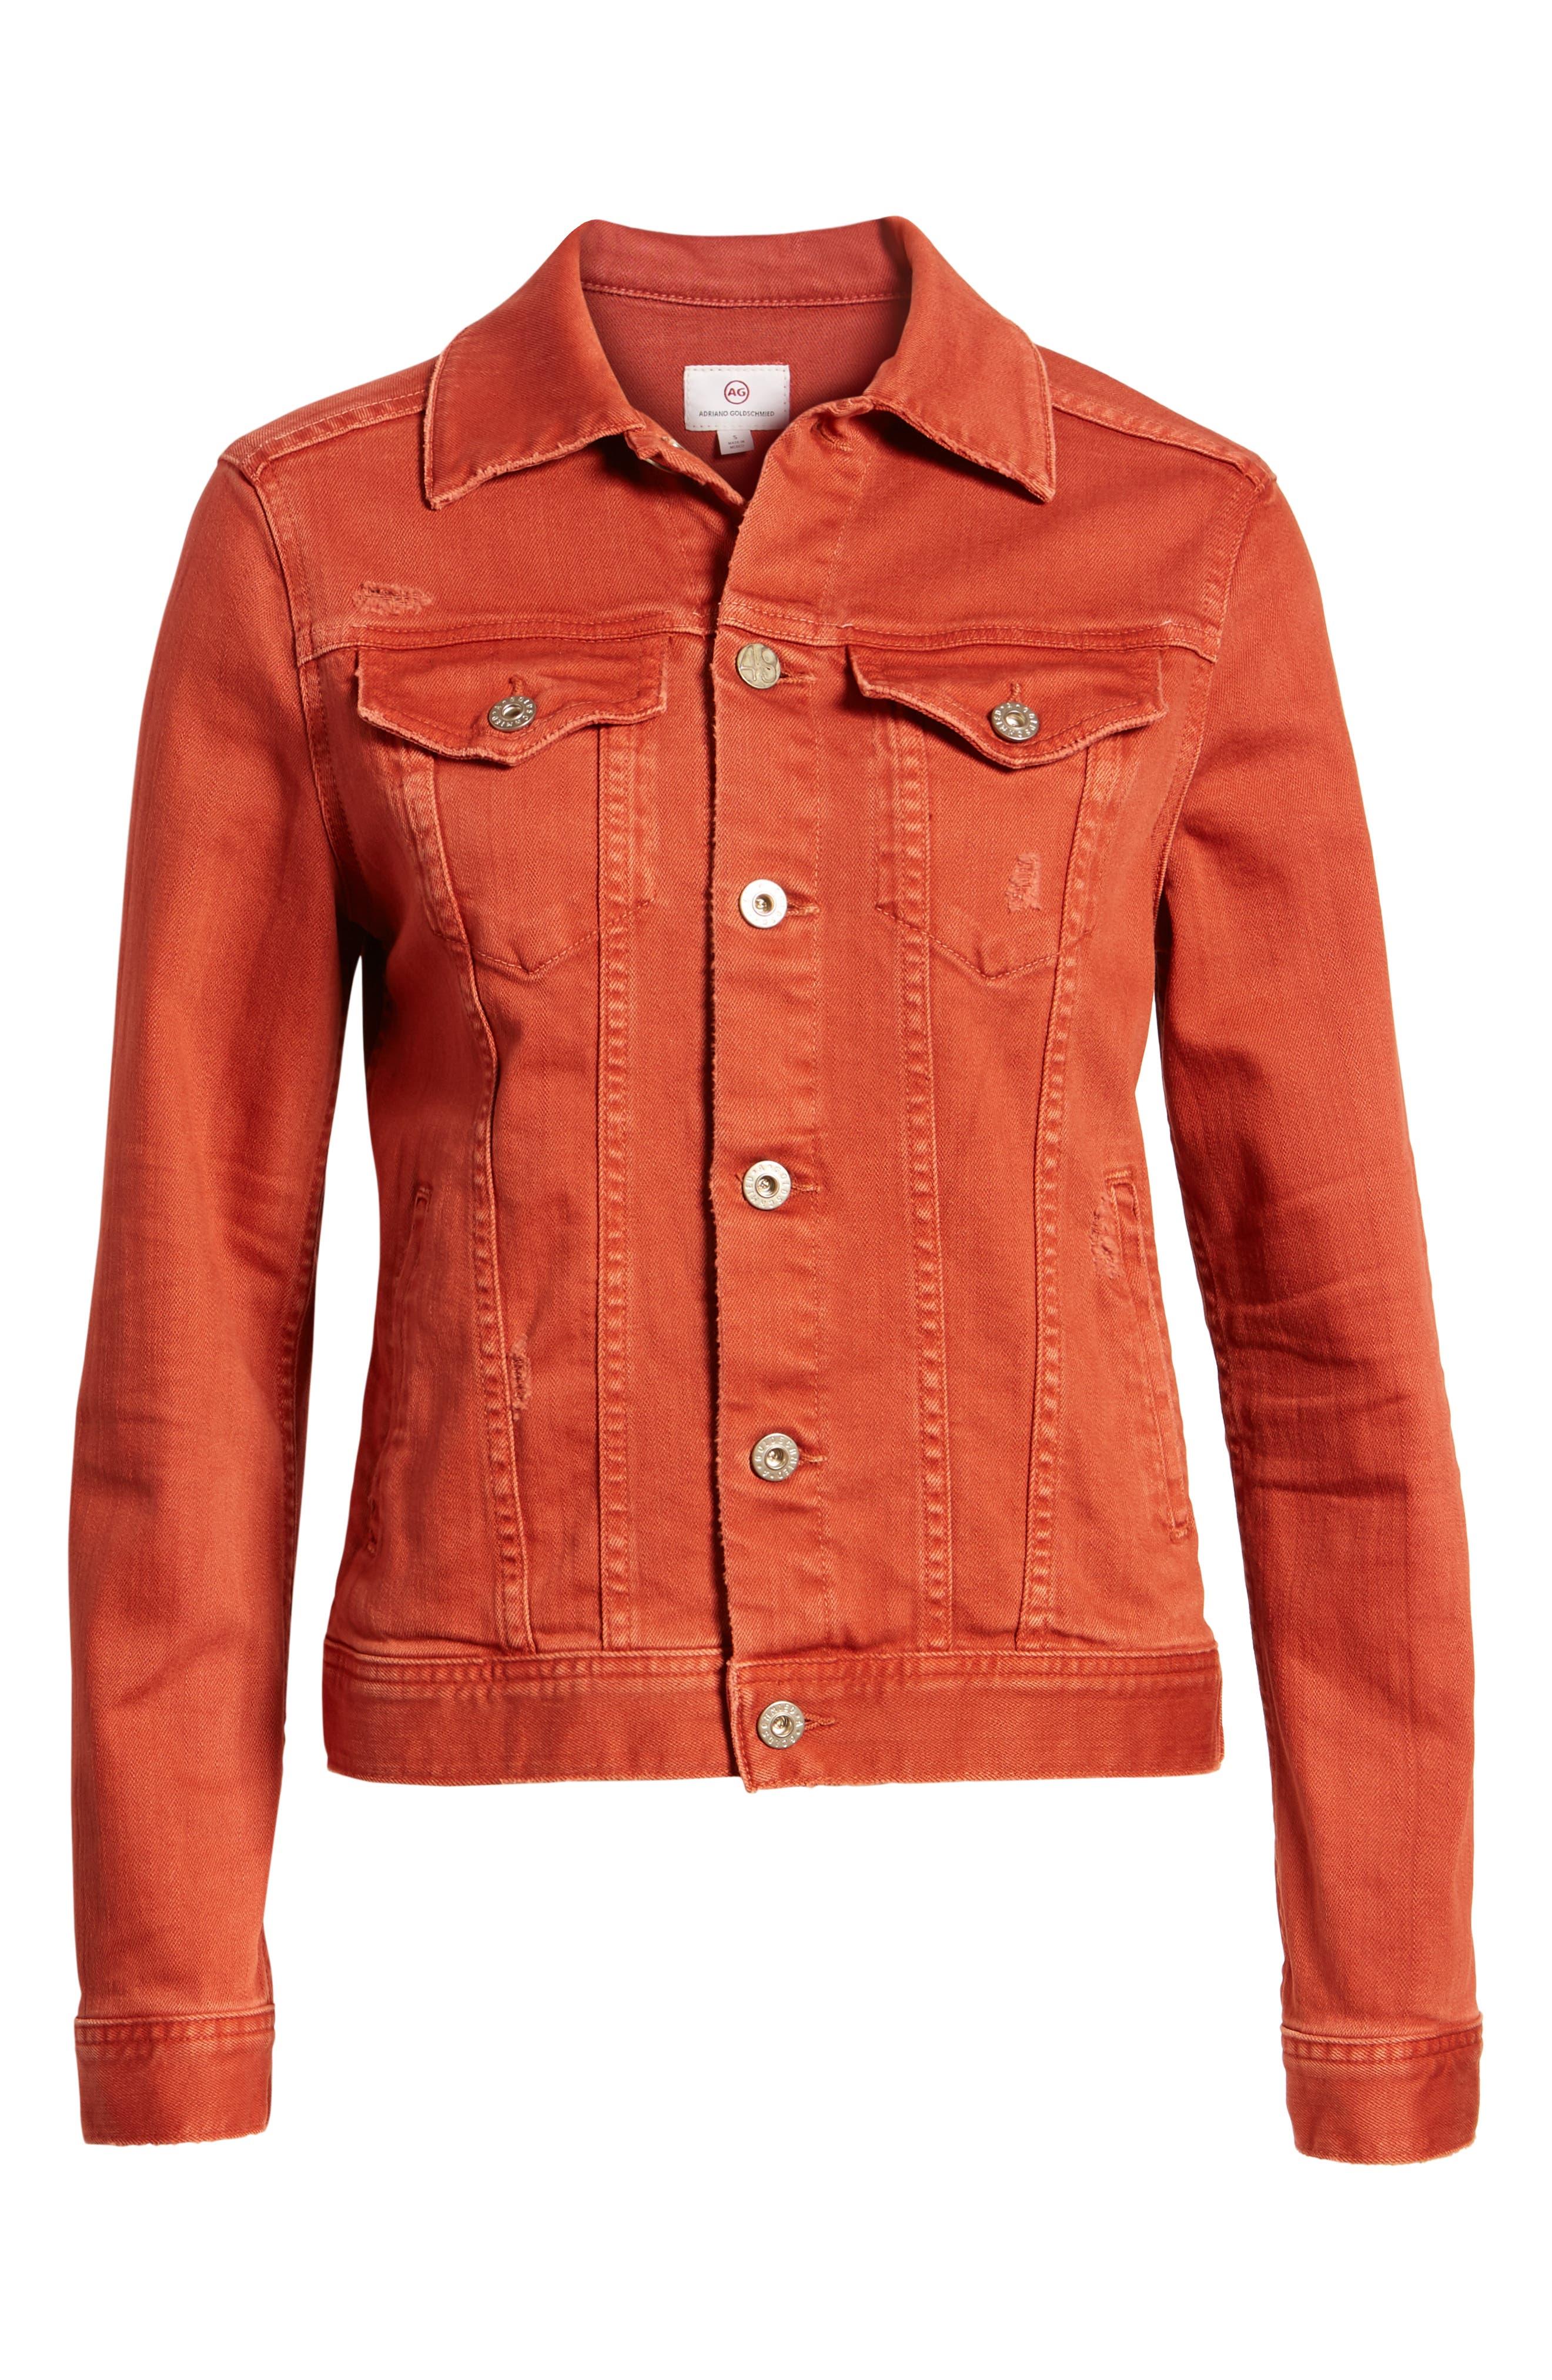 Mya Denim Jacket,                             Alternate thumbnail 7, color,                             10 Years Remedy Firebrick